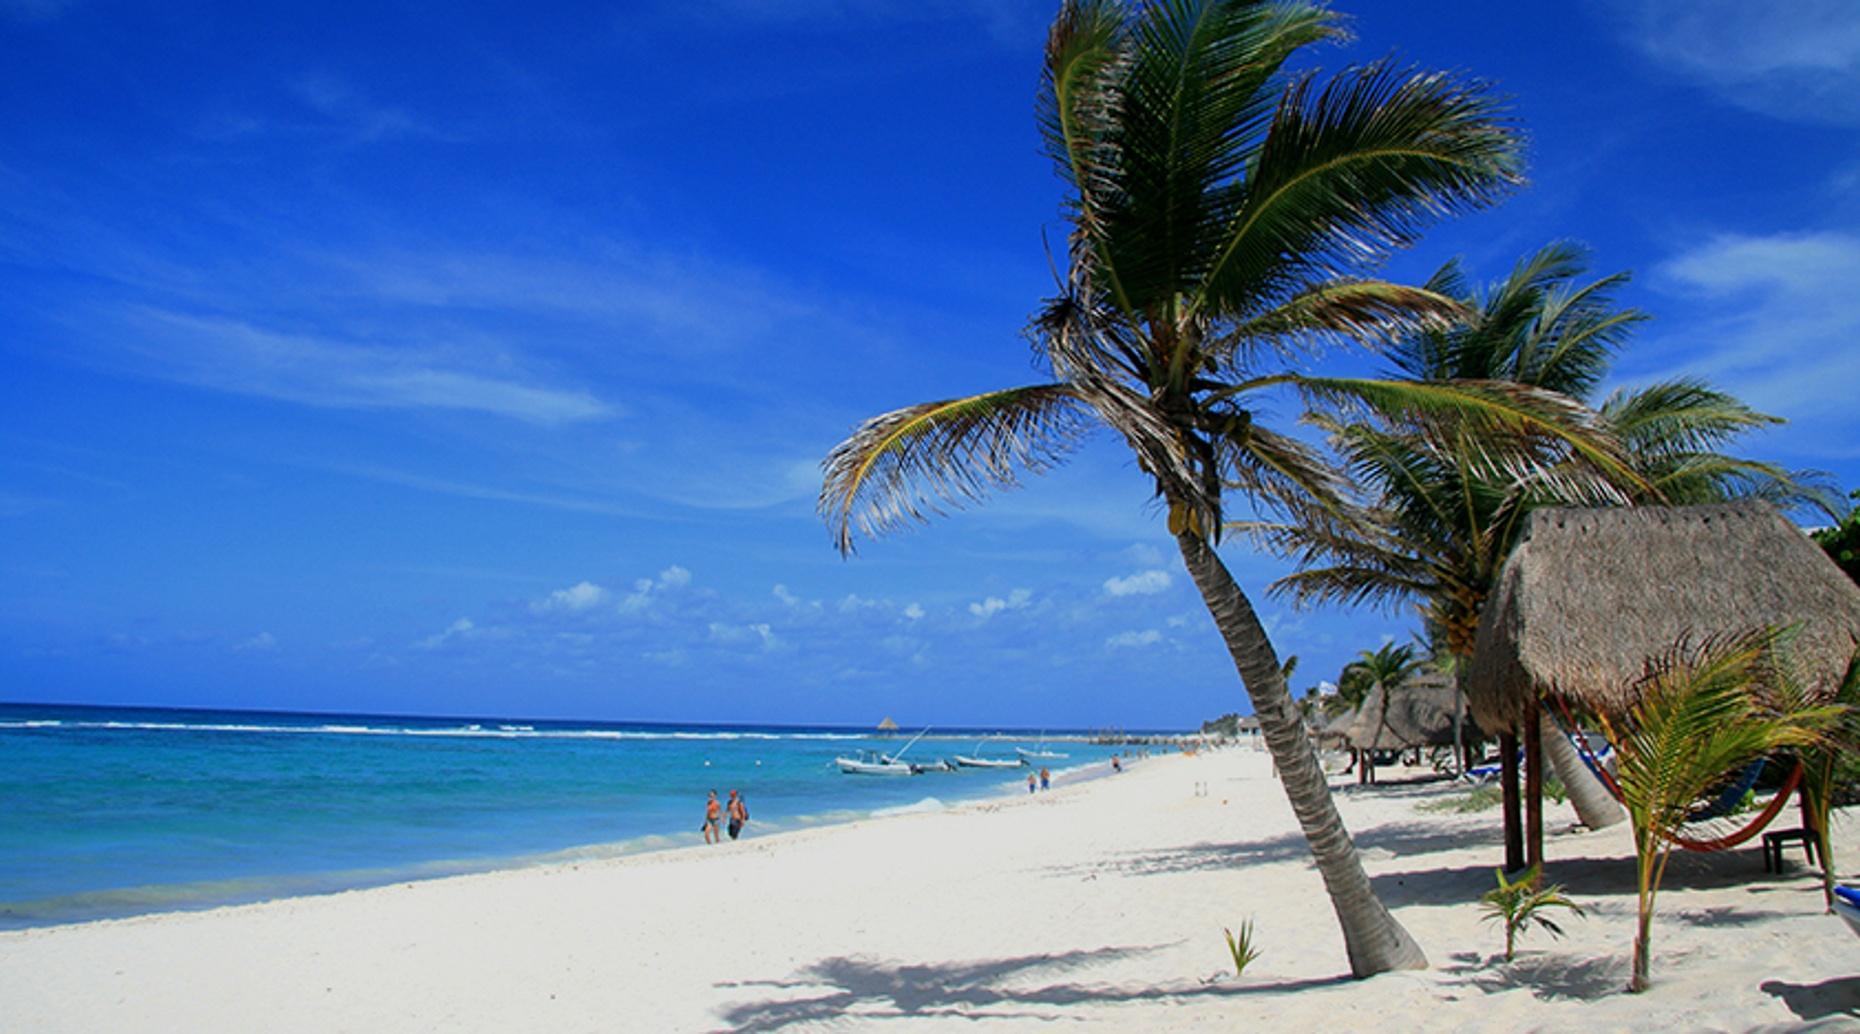 Negril Beach Day Tour